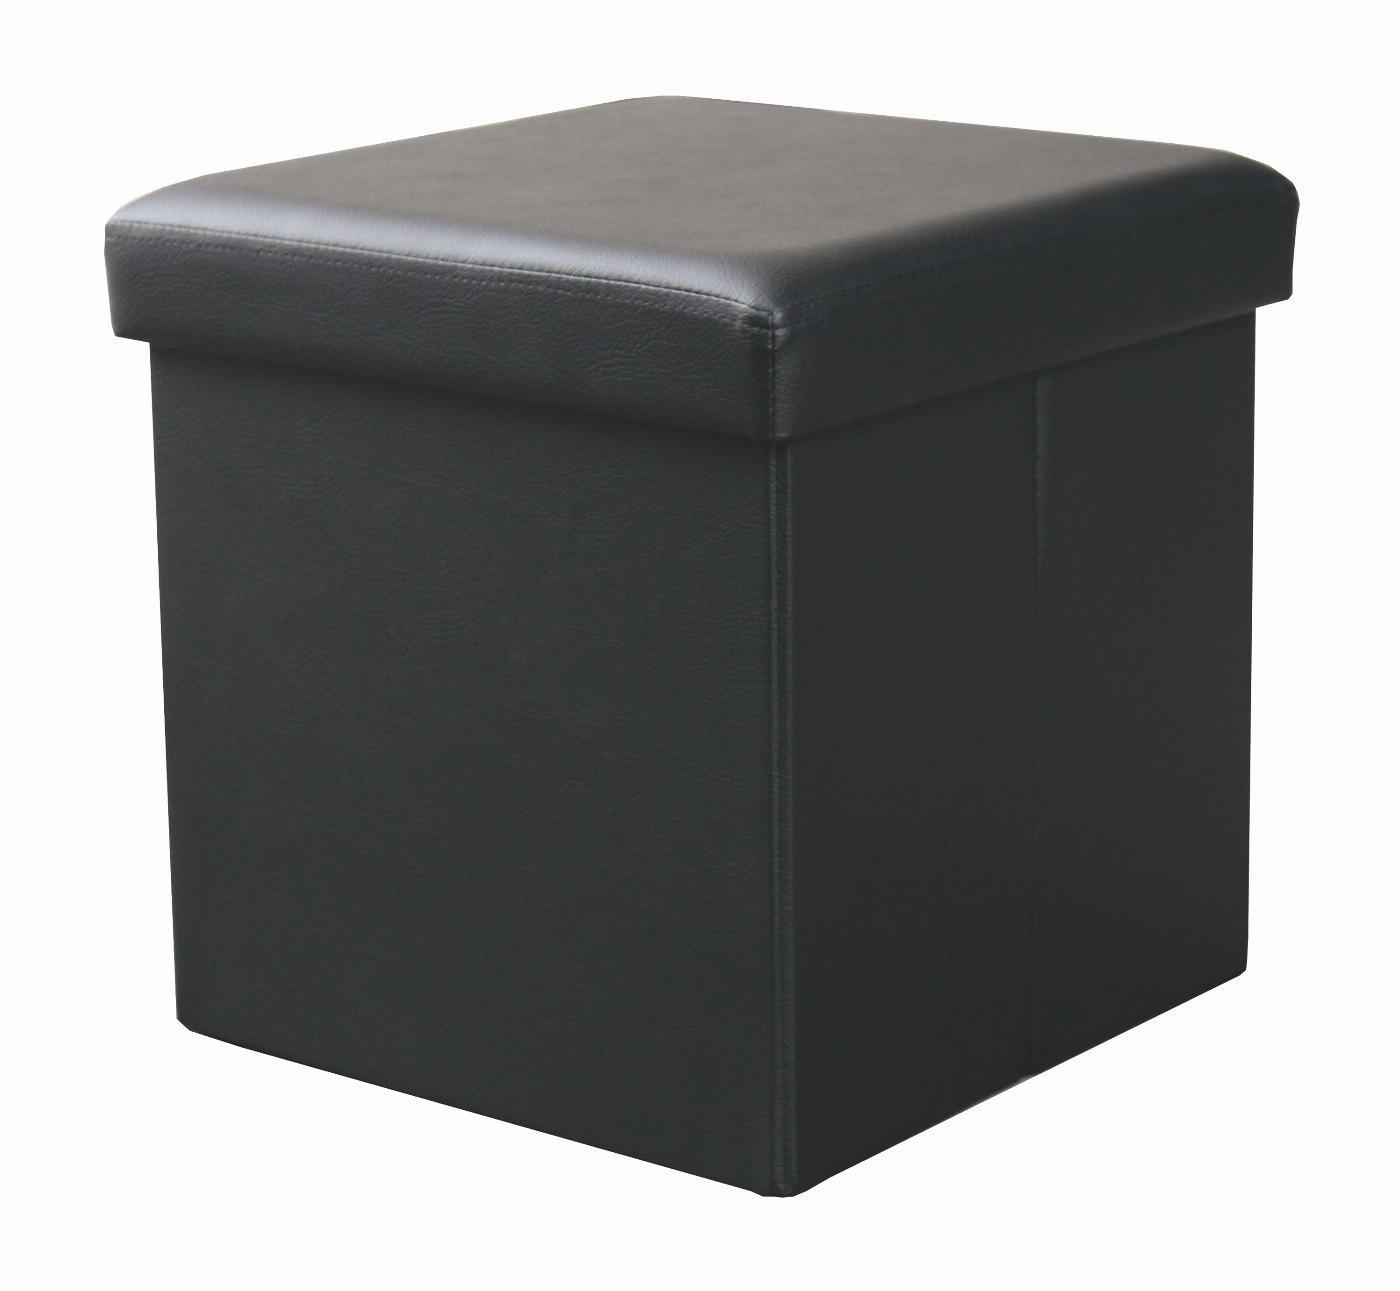 MOLY pufa czarny (1p=4szt)